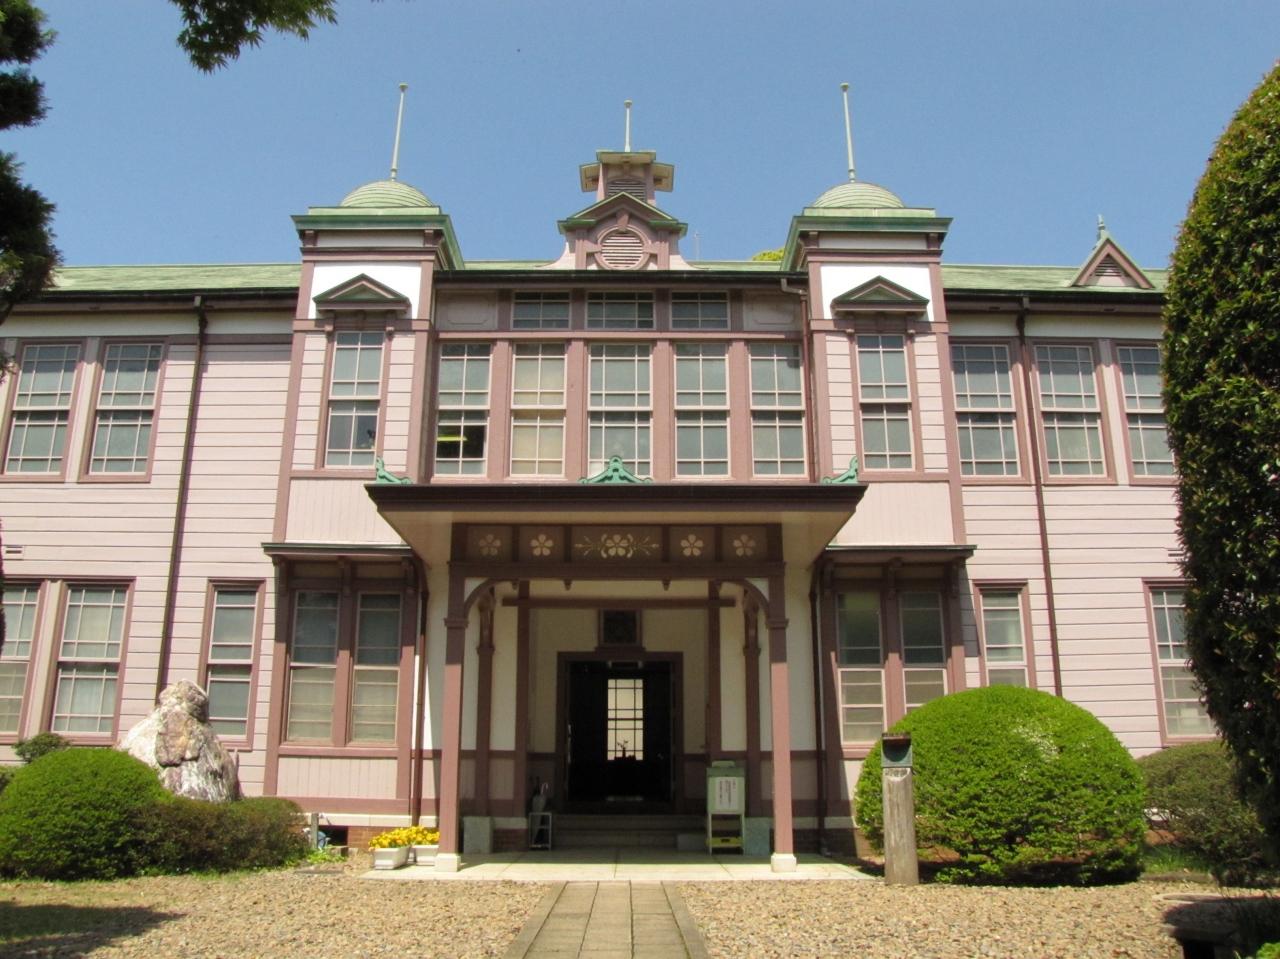 佐倉市散策(27)・・歴史的建造物と映画・ドラマのロケ地を訪ねて(4ページ)